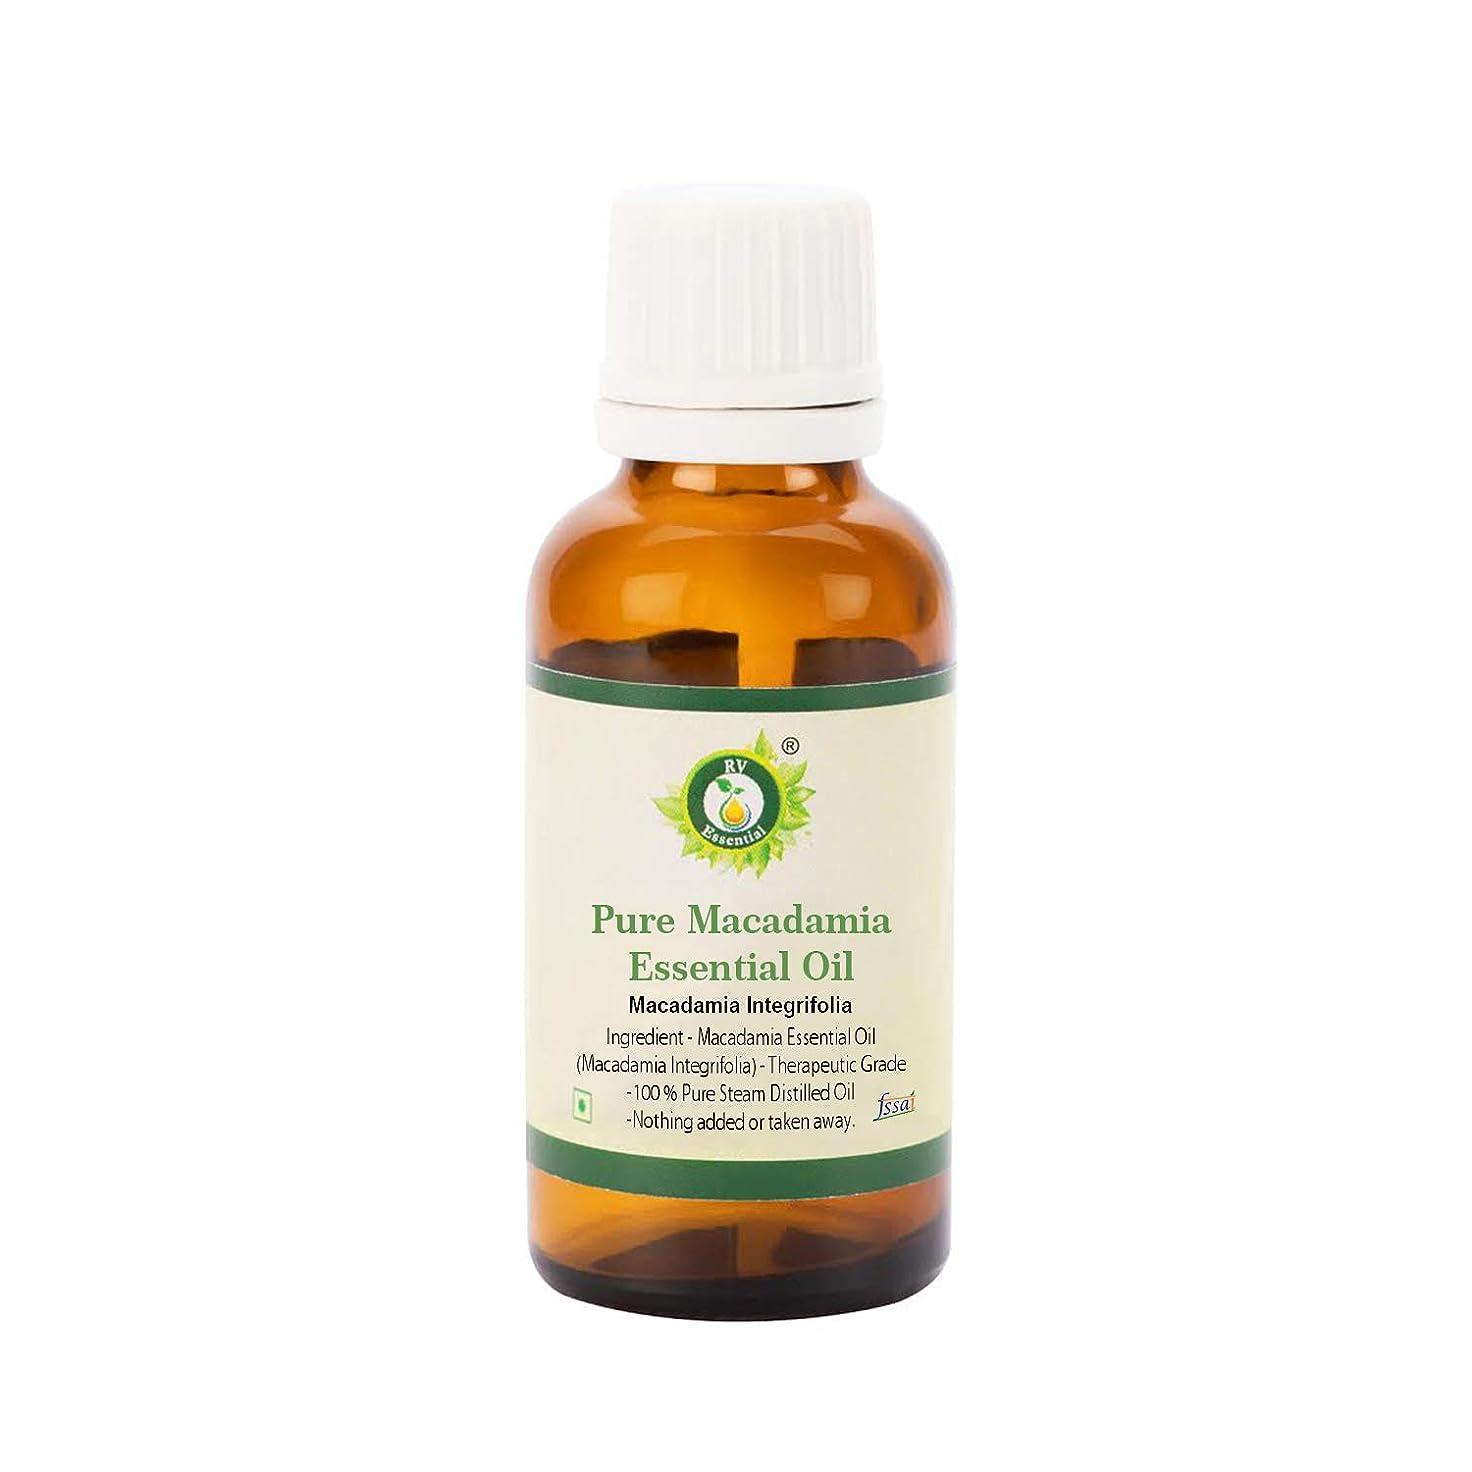 してはいけない法医学レモンR V Essential ピュアマカデミアエッセンシャルオイル100ml (3.38oz)- Macadamia Integrifolia (100%純粋&天然スチームDistilled) Pure Macadamia Essential Oil